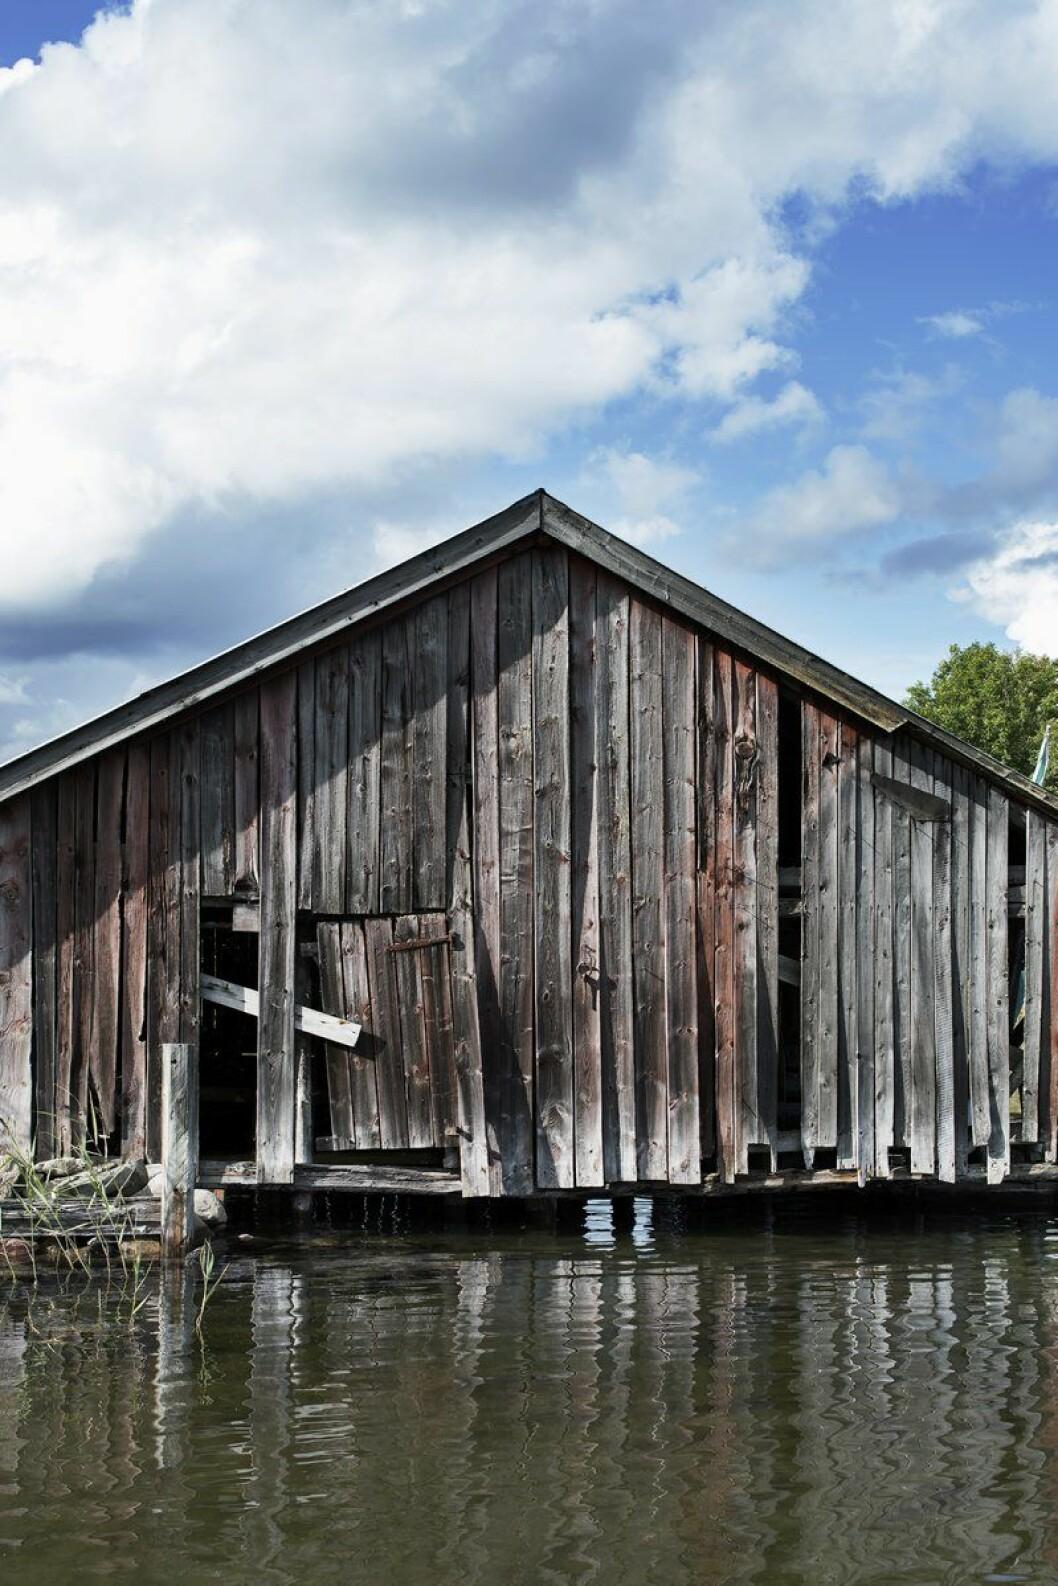 Båthusets gistna brädor viskar om framtida sommardrömmar.